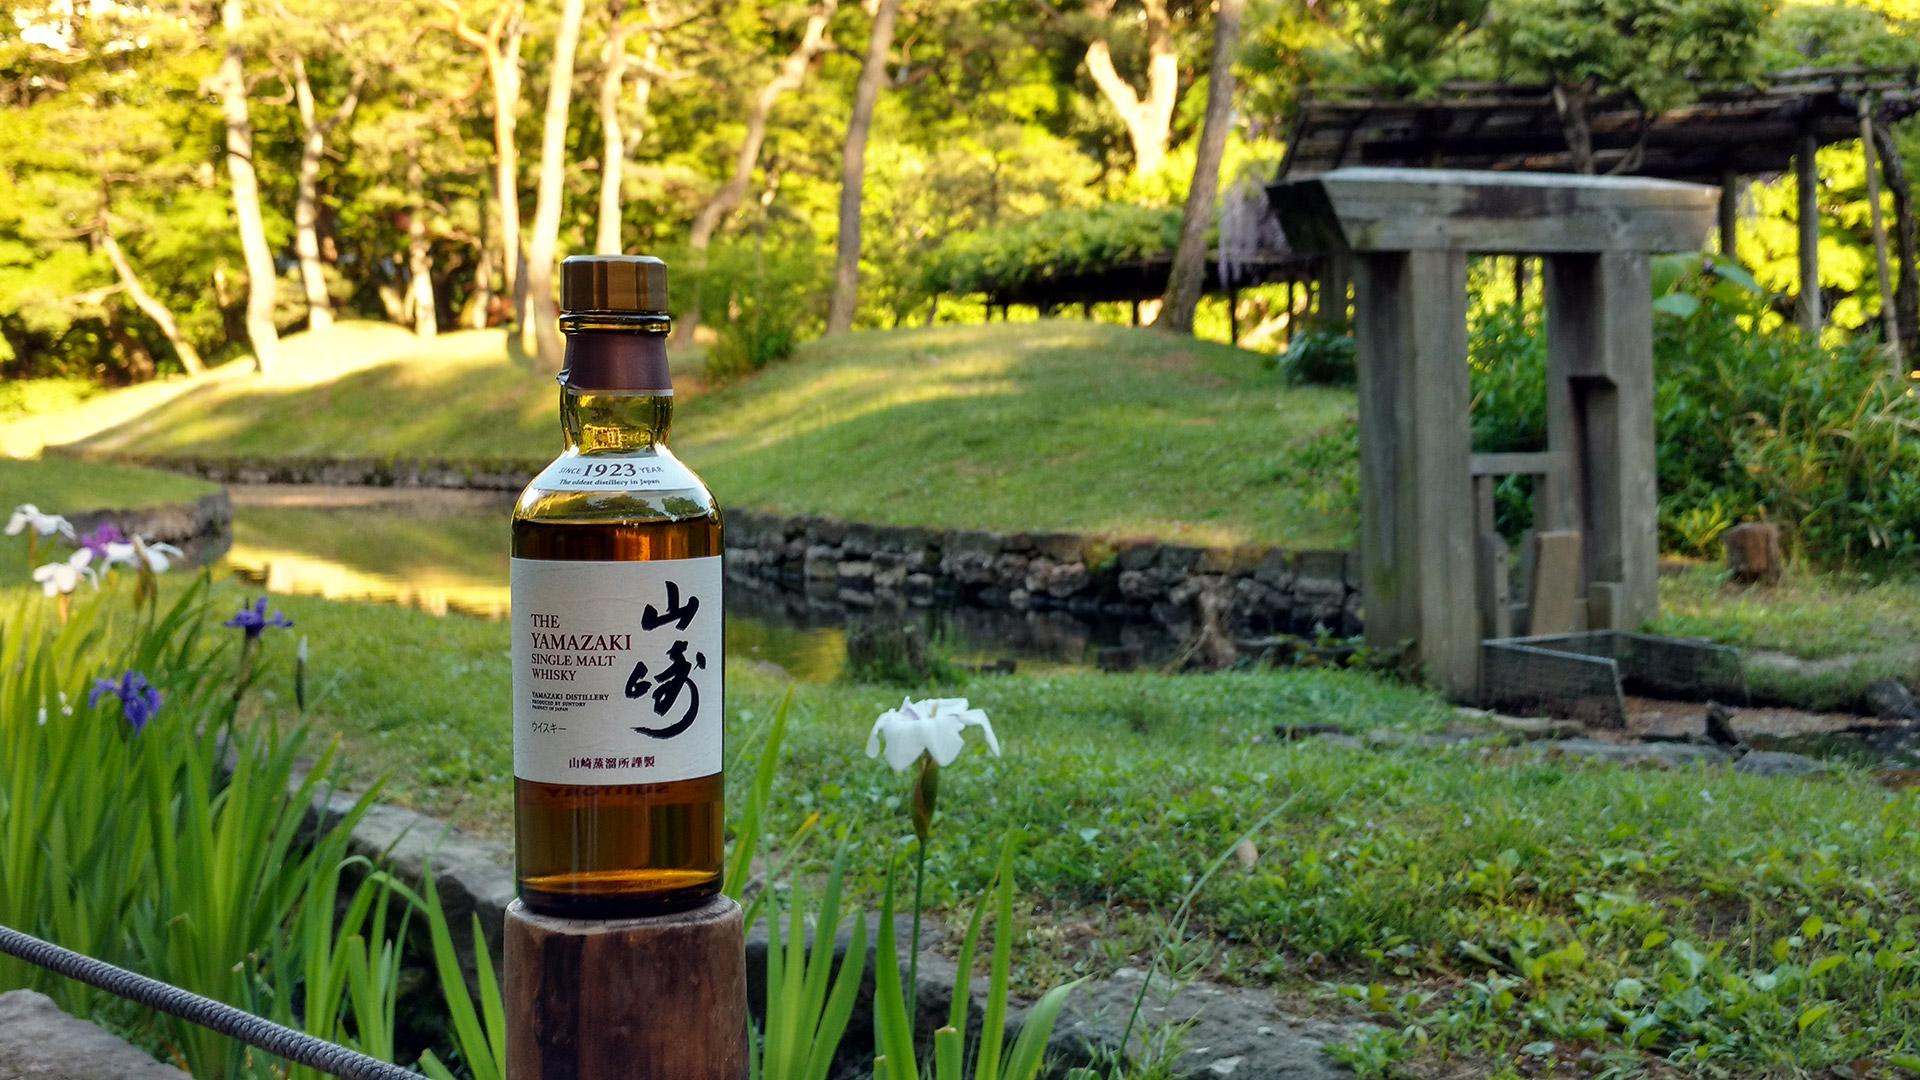 Einblicke in die japanische Gartenkunst (Foto: Malt Whisky)